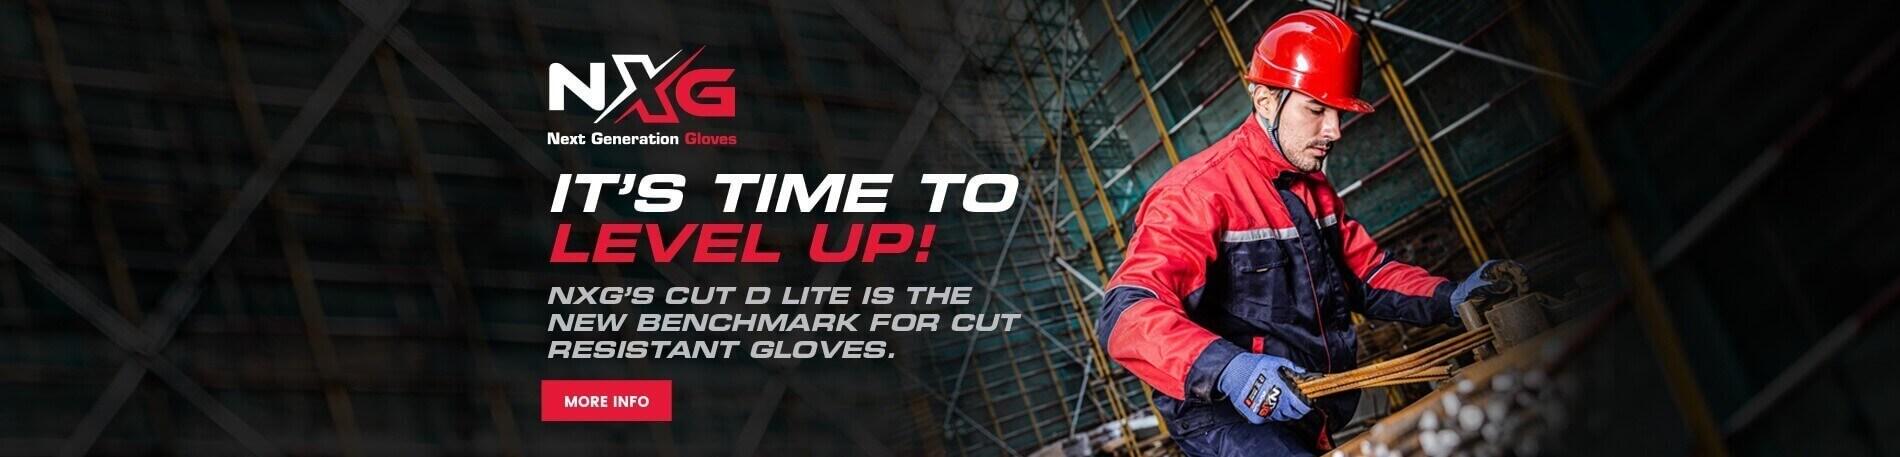 NXG-Banner-CutDLite-safety-mate